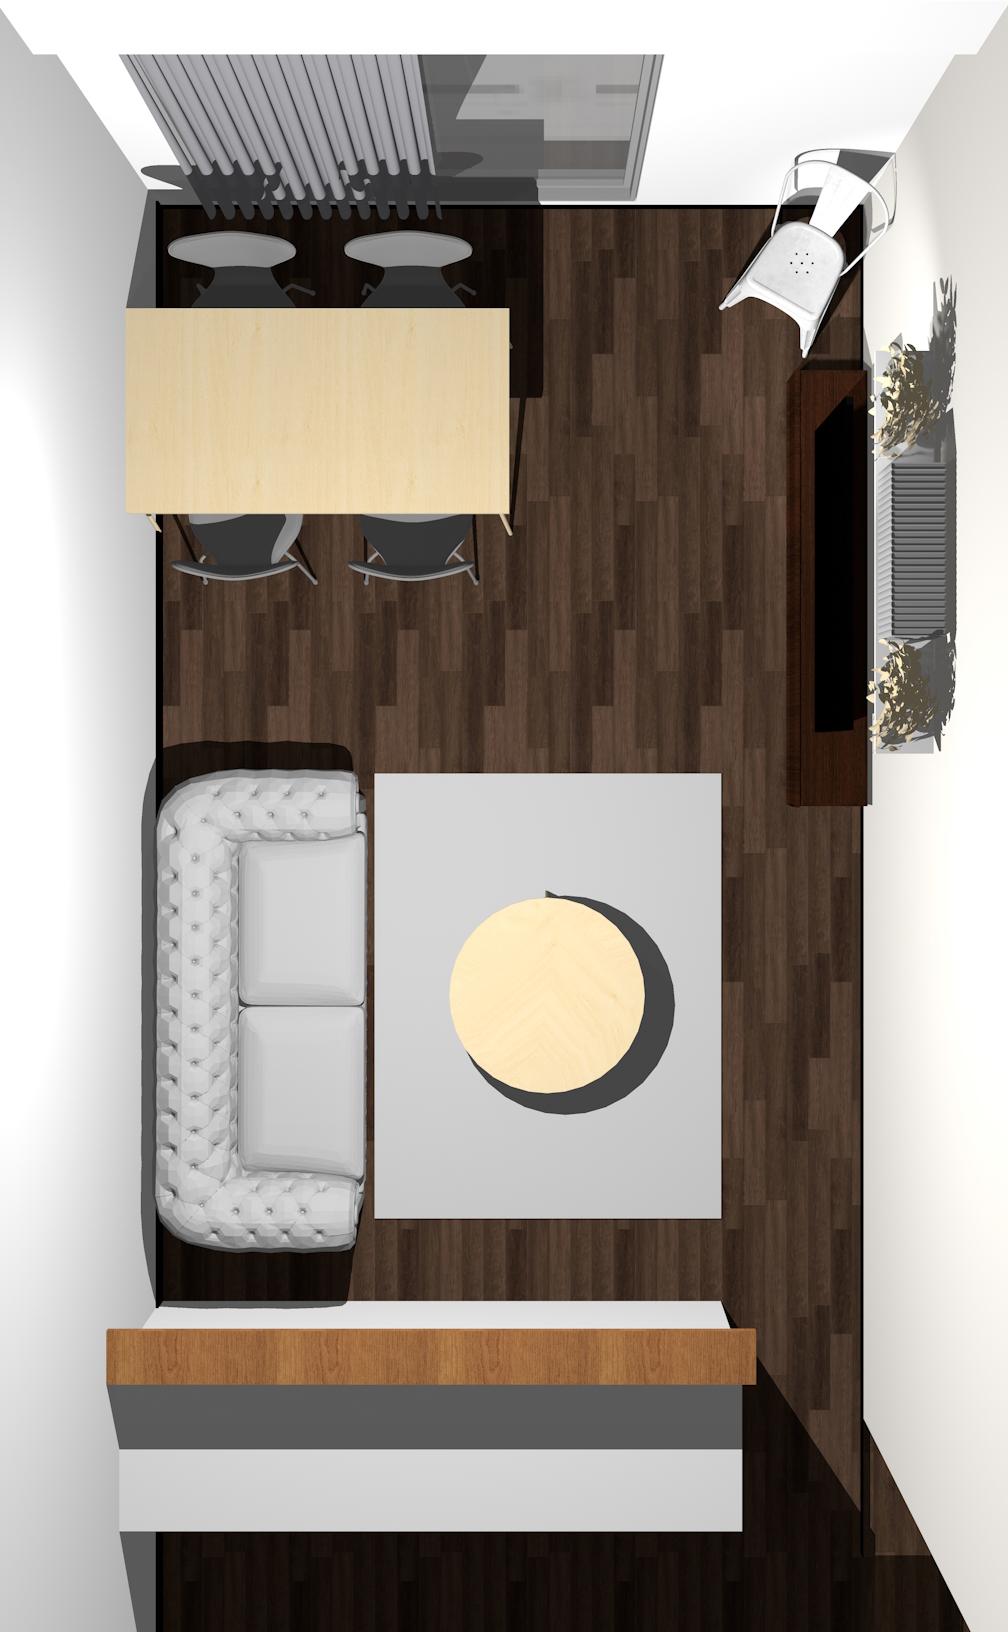 キッチン(対面カウンター)の前がリビング」で「窓の前がダイニング」のレイアウト